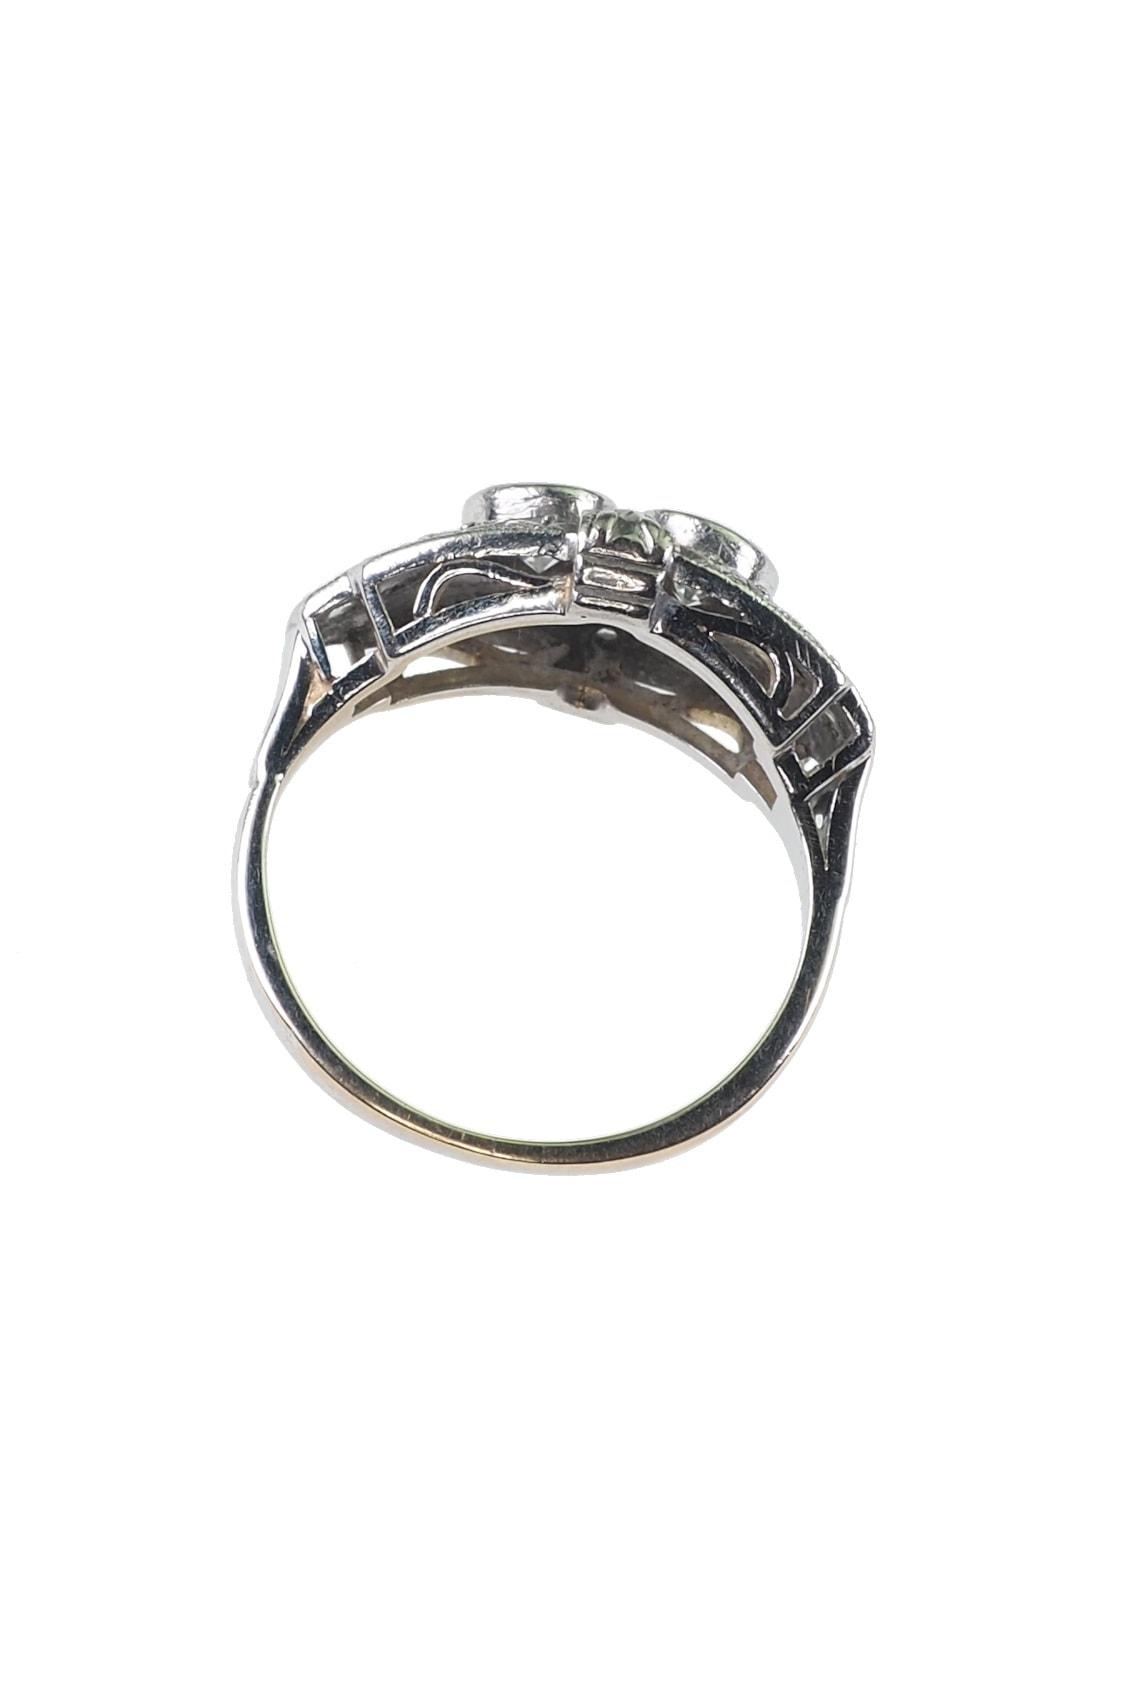 antike-Ringe-kaufen-1286c